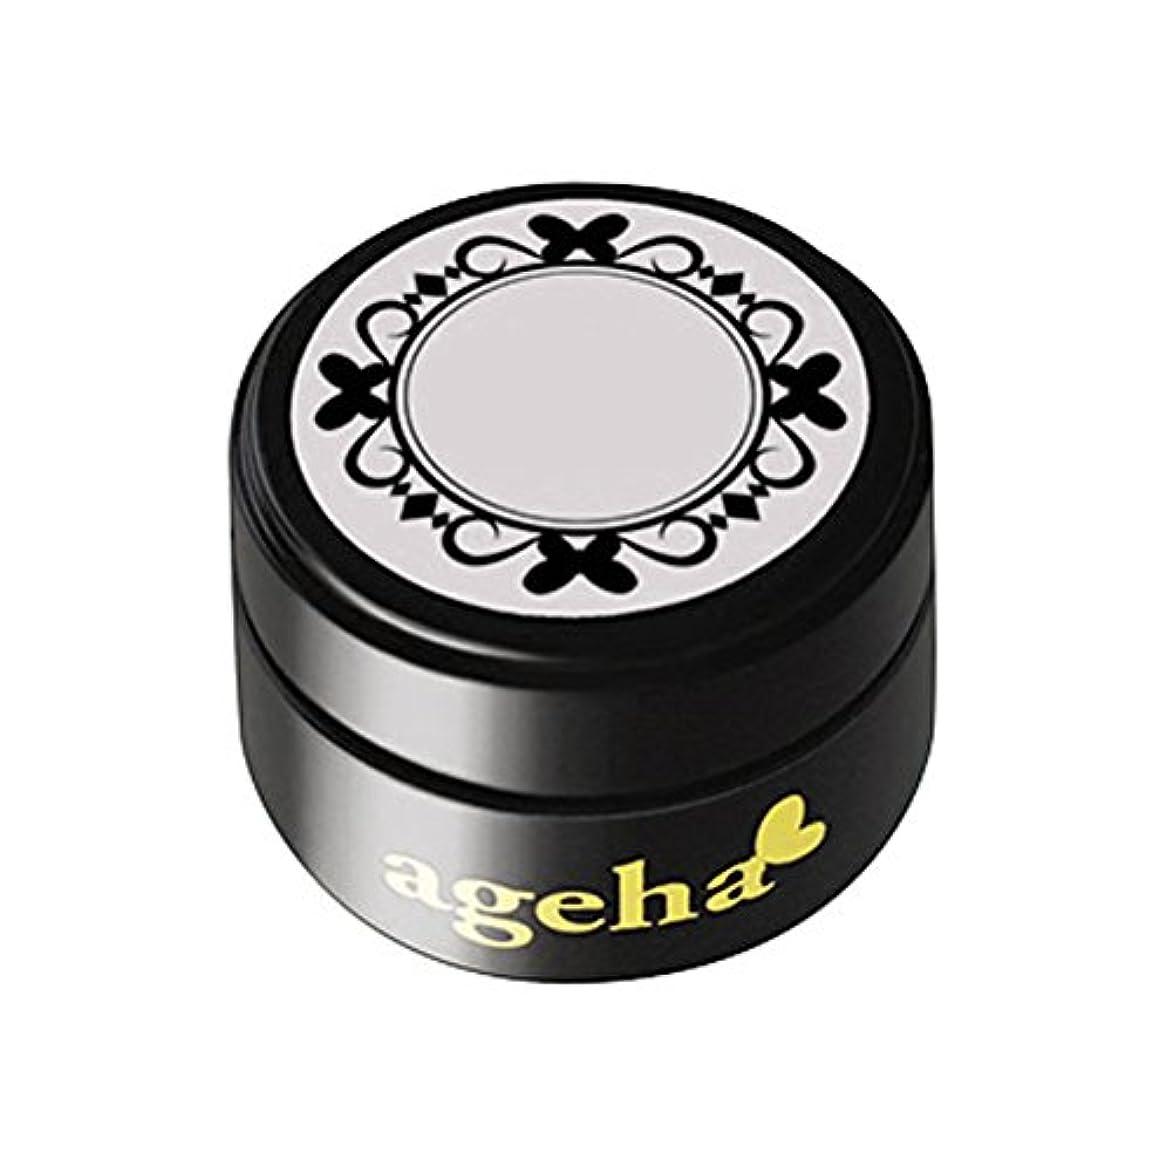 愛されし者鏡恩赦ageha gel カラージェル コスメカラー 318 ロシアングレー 2.7g UV/LED対応